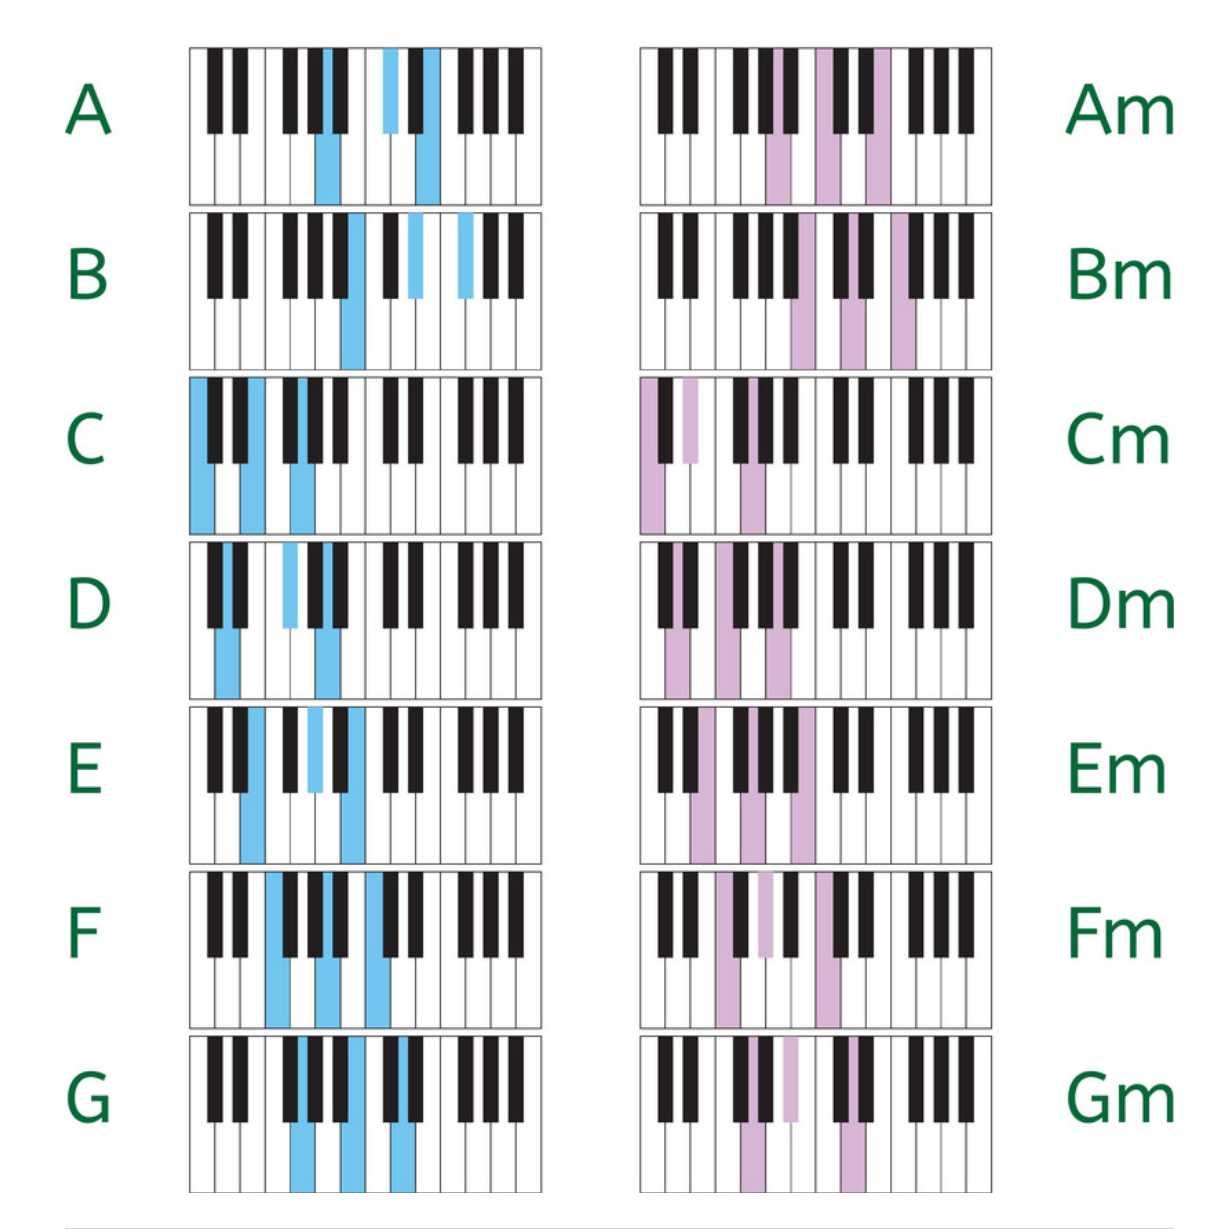 Ukm Musik B Sing Mempelajari Chord Dan Teknik Bermain Keyboard